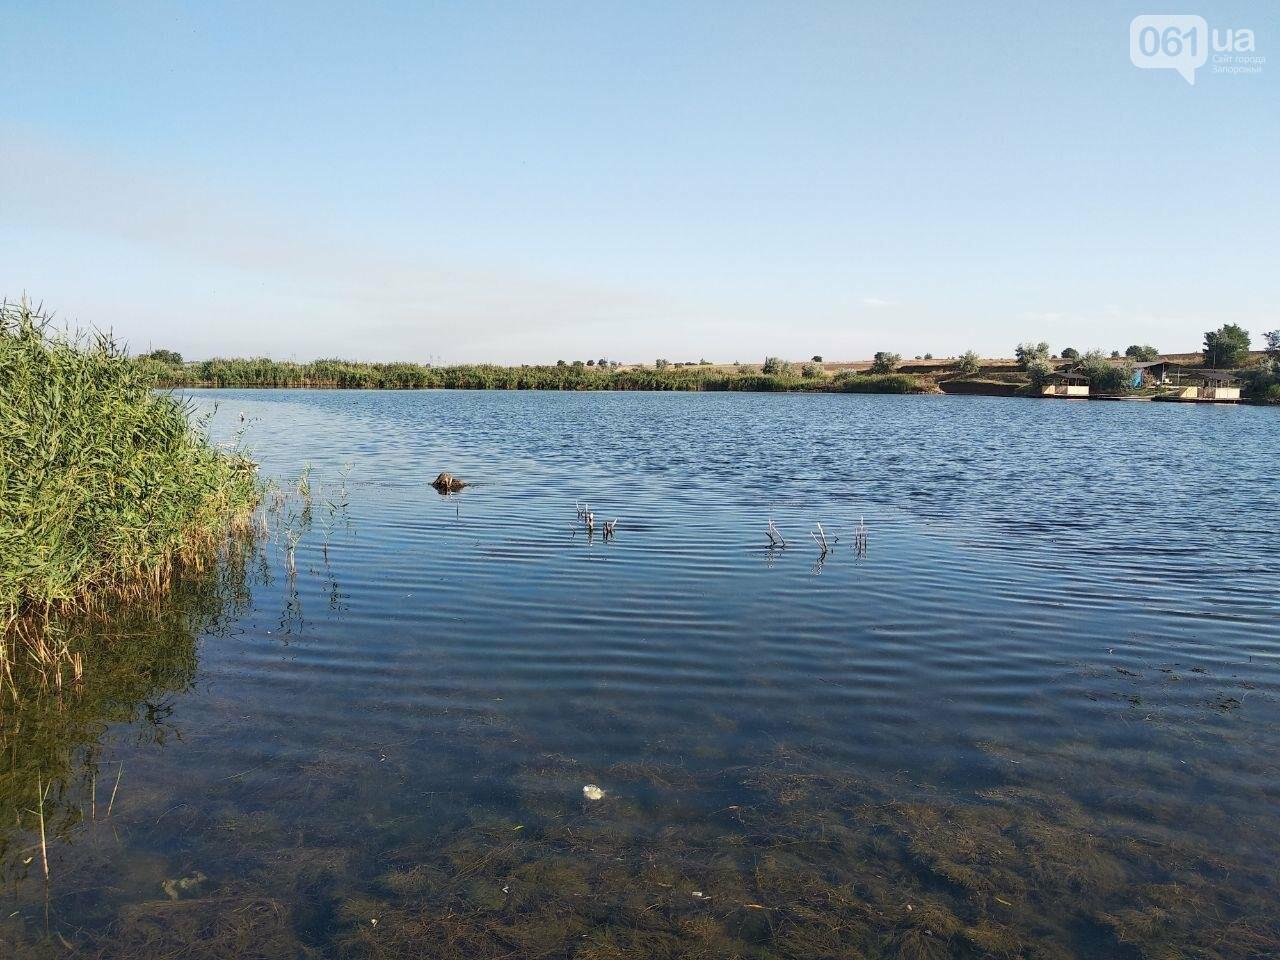 В Запорожской области водолазы вытащили из ставка тело мужчины , фото-1